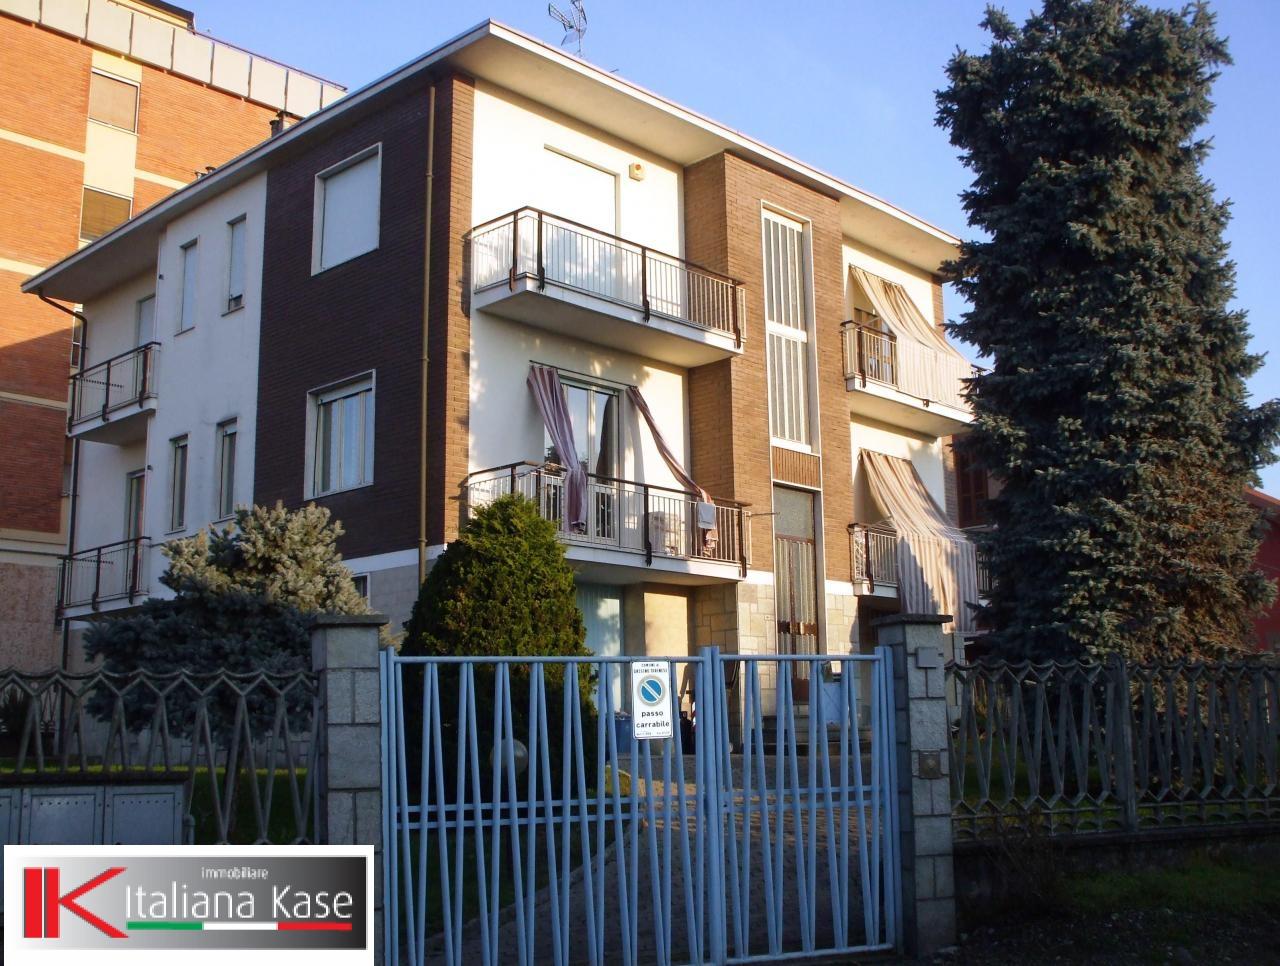 Appartamento in vendita a Gassino Torinese, 2 locali, prezzo € 62.000 | CambioCasa.it